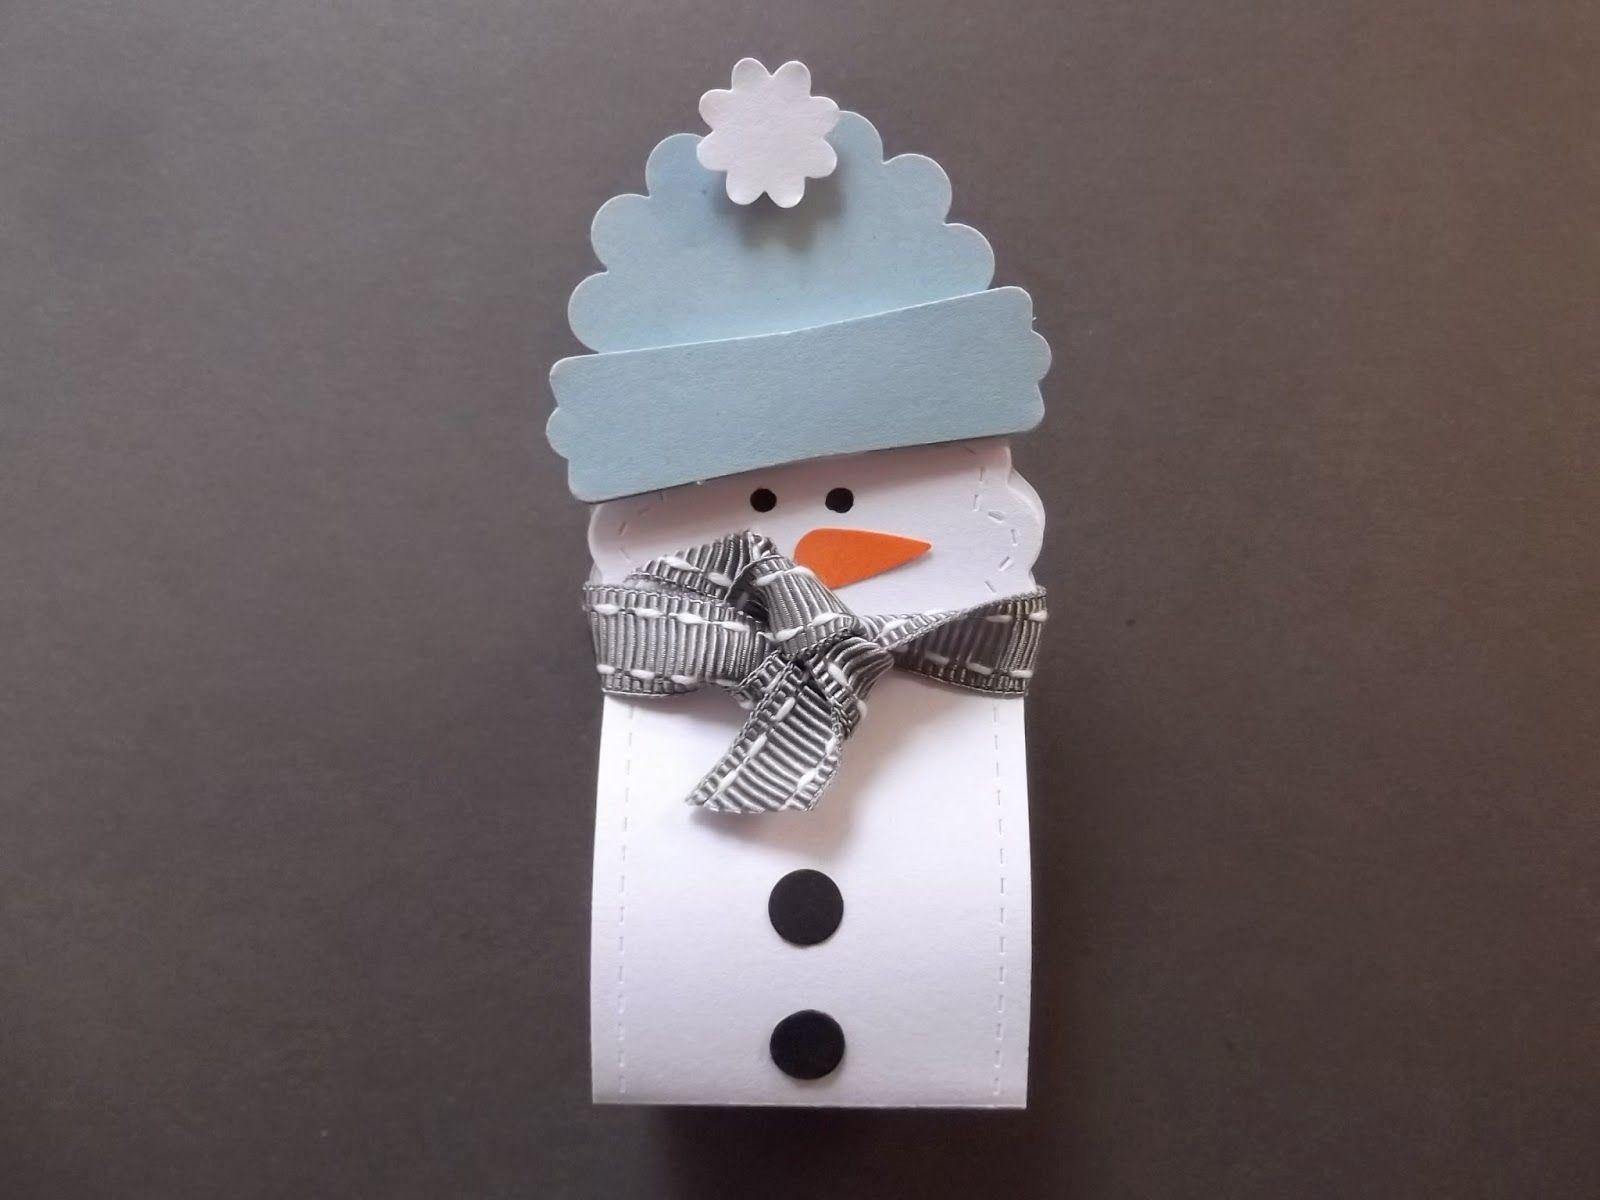 frecher kleiner schneemann mit raffaelo im bauch weihnachtsverpackung pinterest. Black Bedroom Furniture Sets. Home Design Ideas